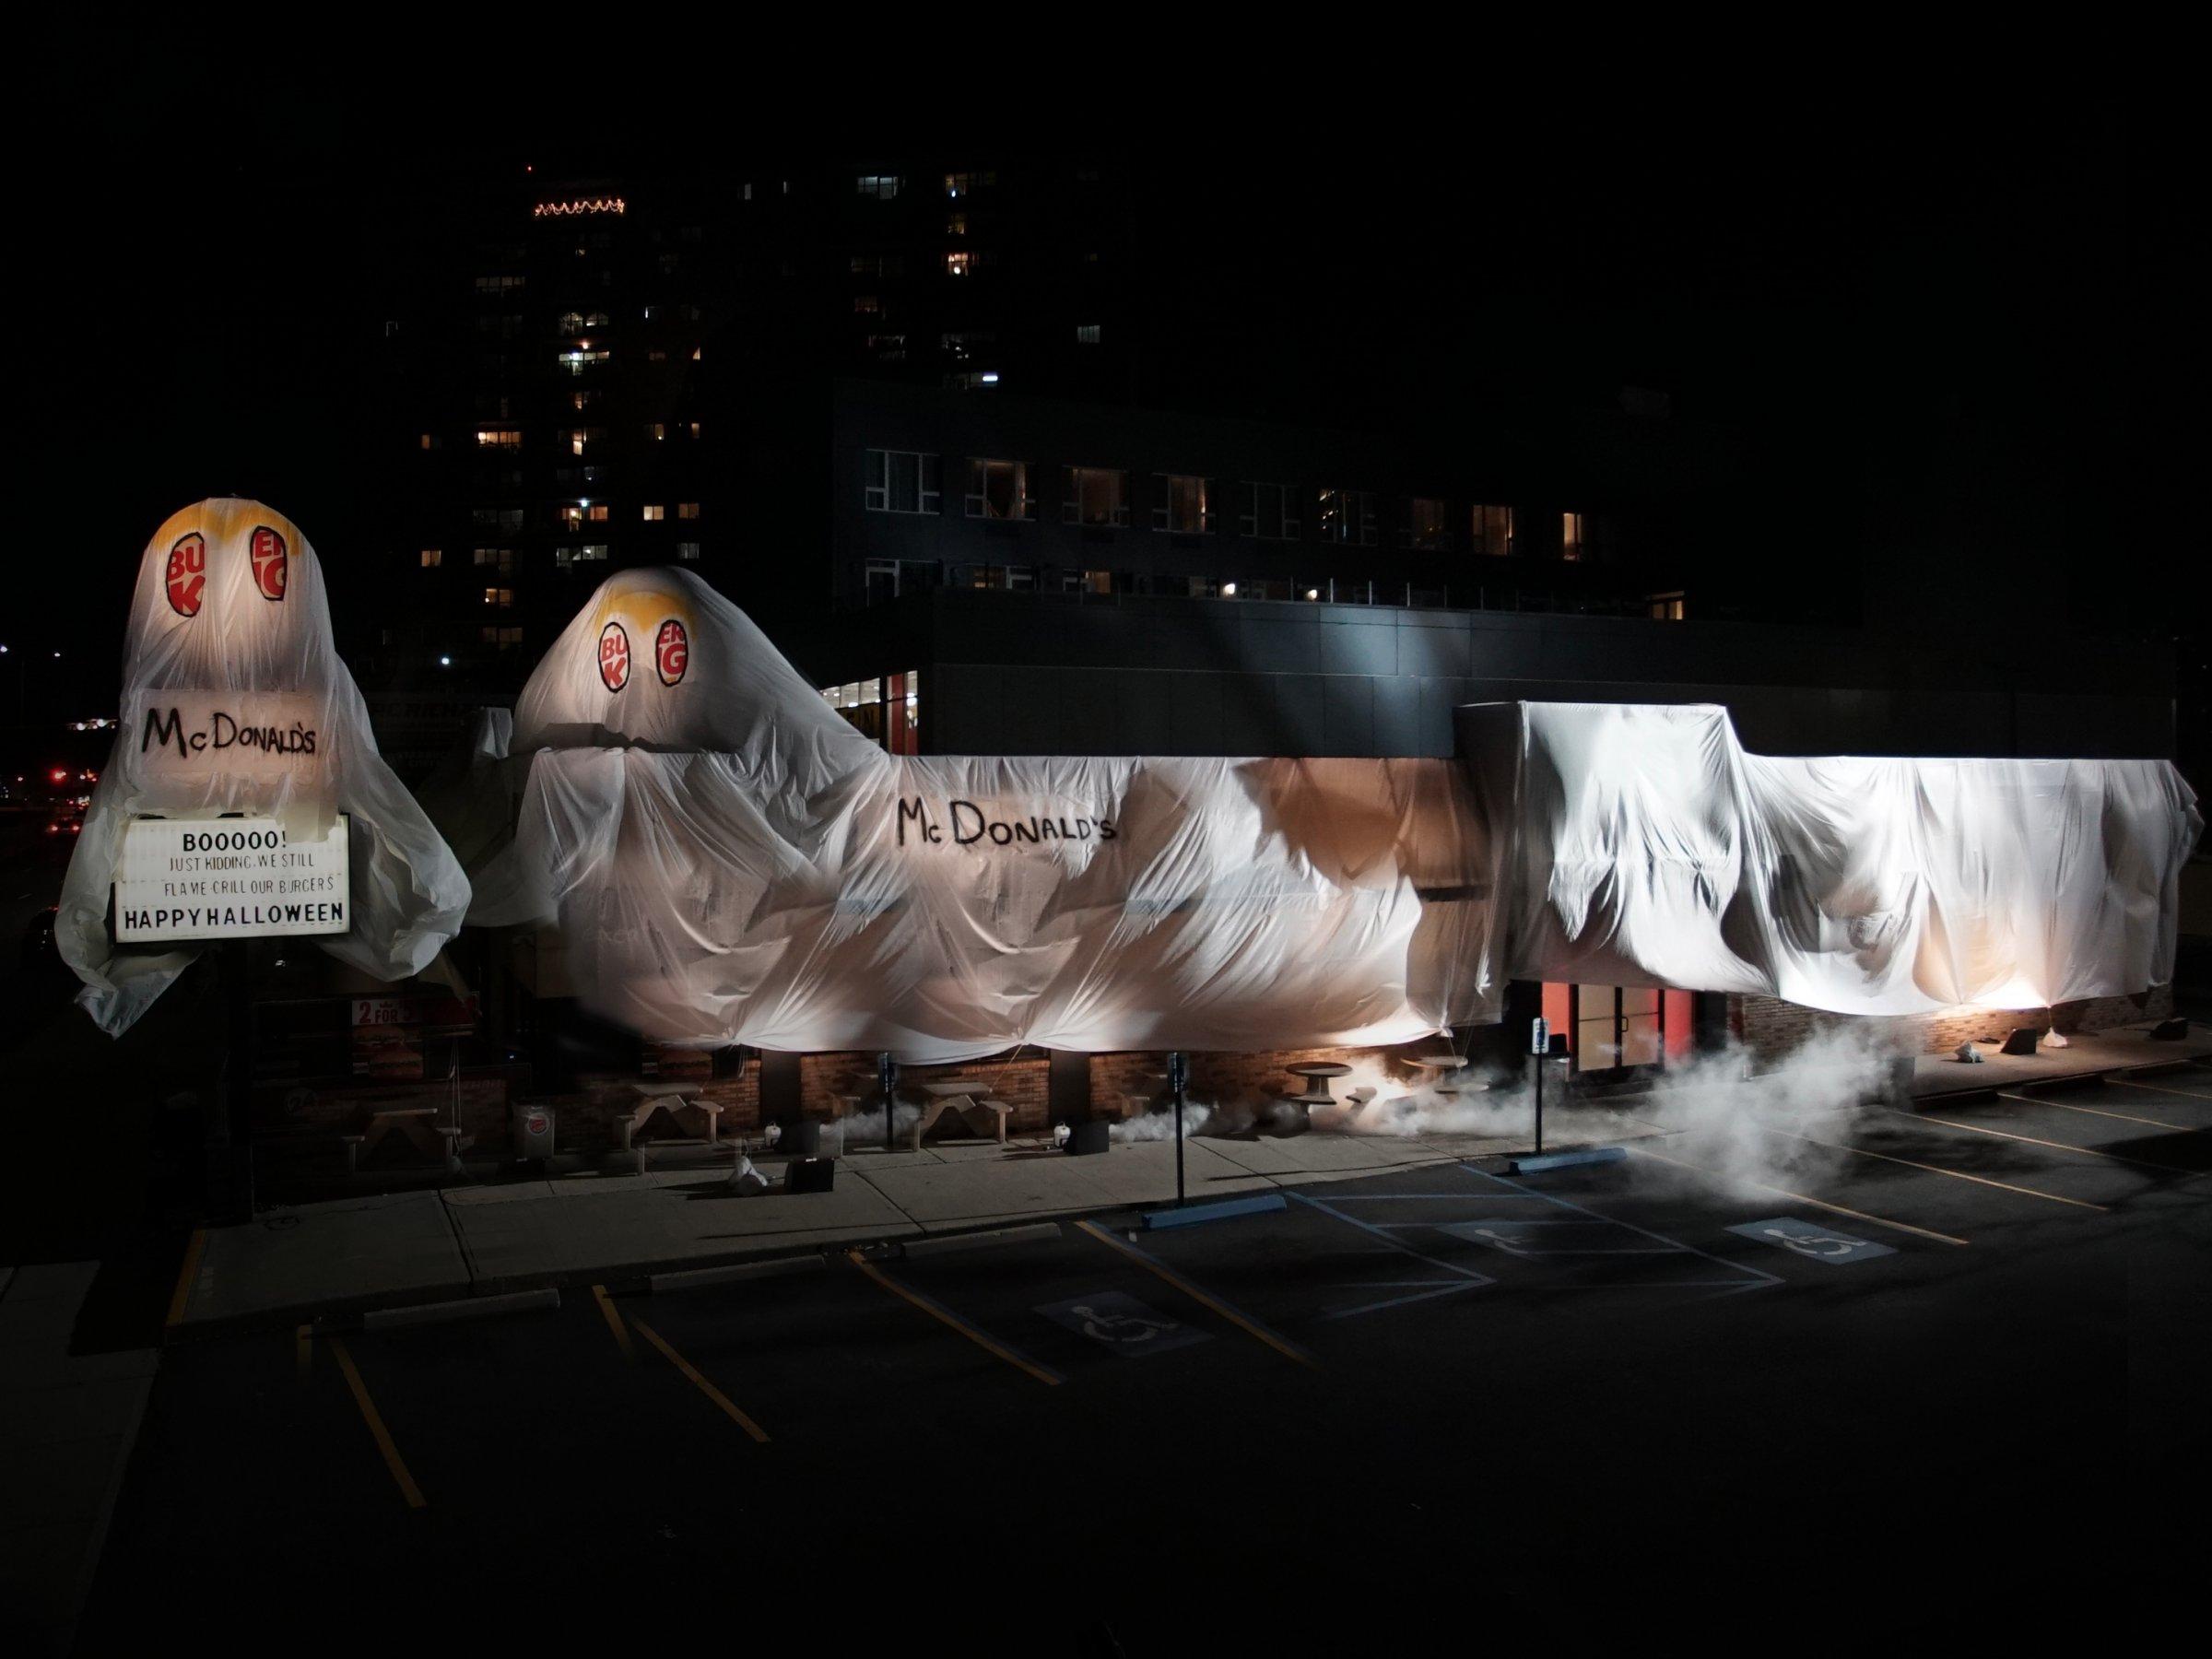 burger king vs mcdonald's, burger king halloween, burguer king mcdonald's